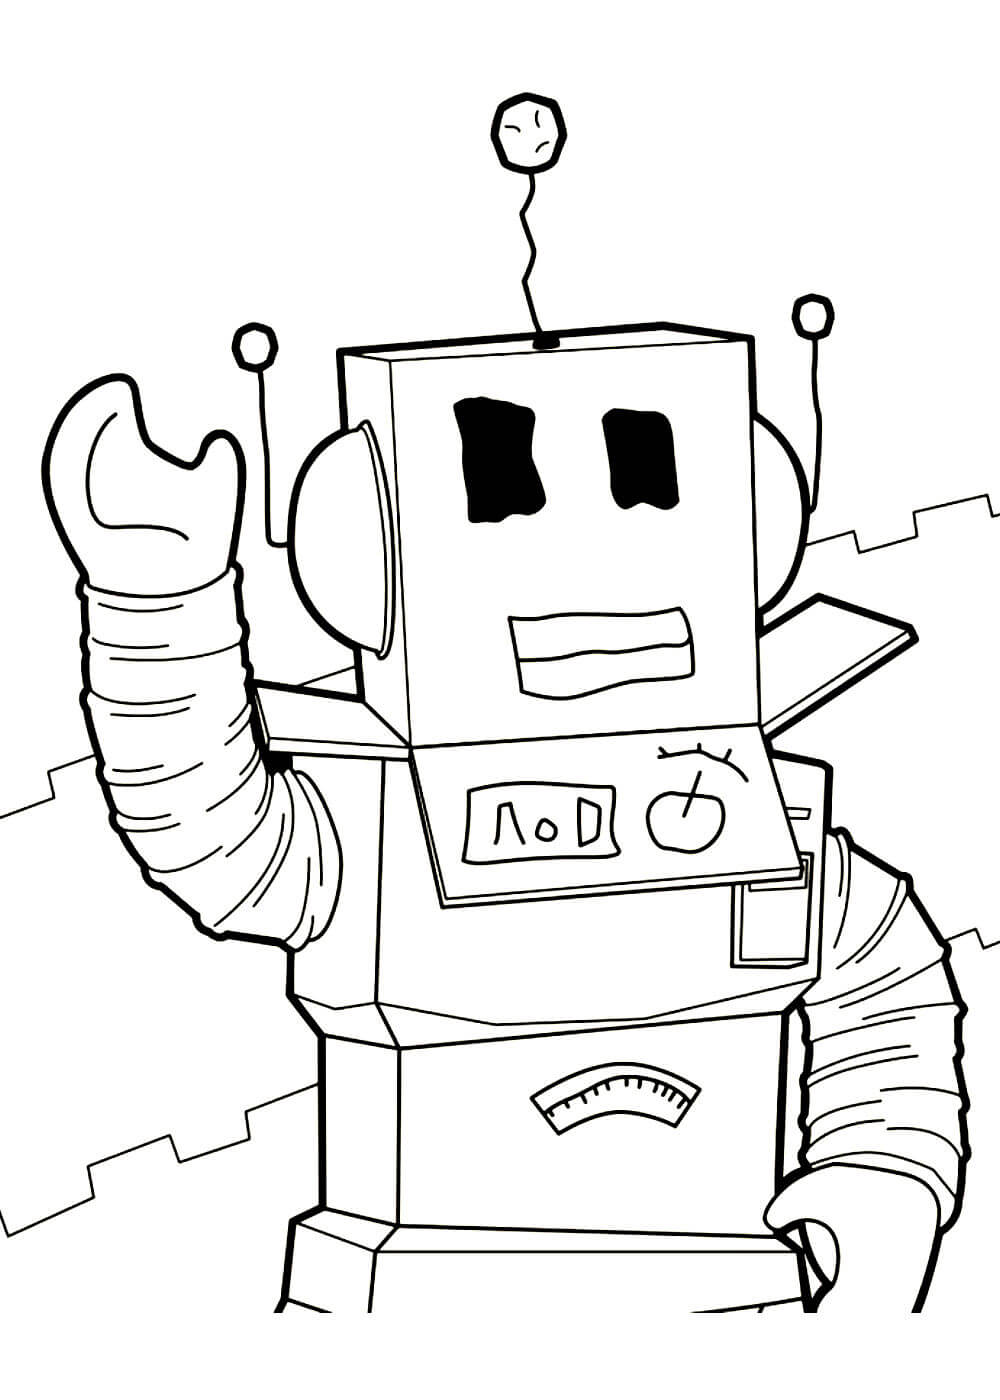 Раскраски Роблокс (Roblox) распечатать или скачать ...